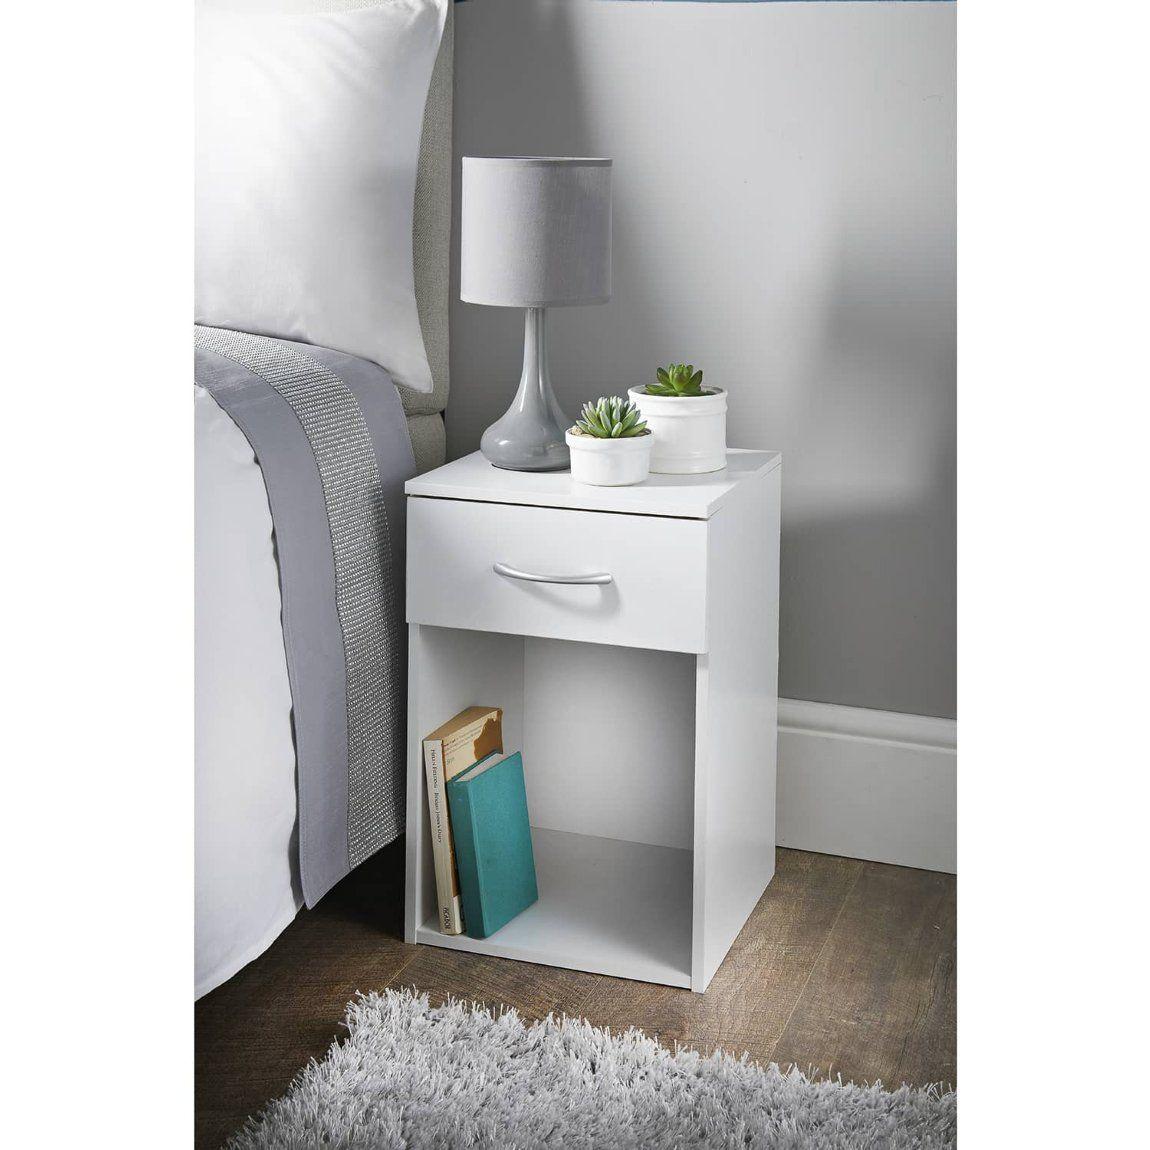 Lokken 1 Drawer Bedside Table White In 2020 Cheap Bedside Tables White Bedside Table Cheap Nightstand